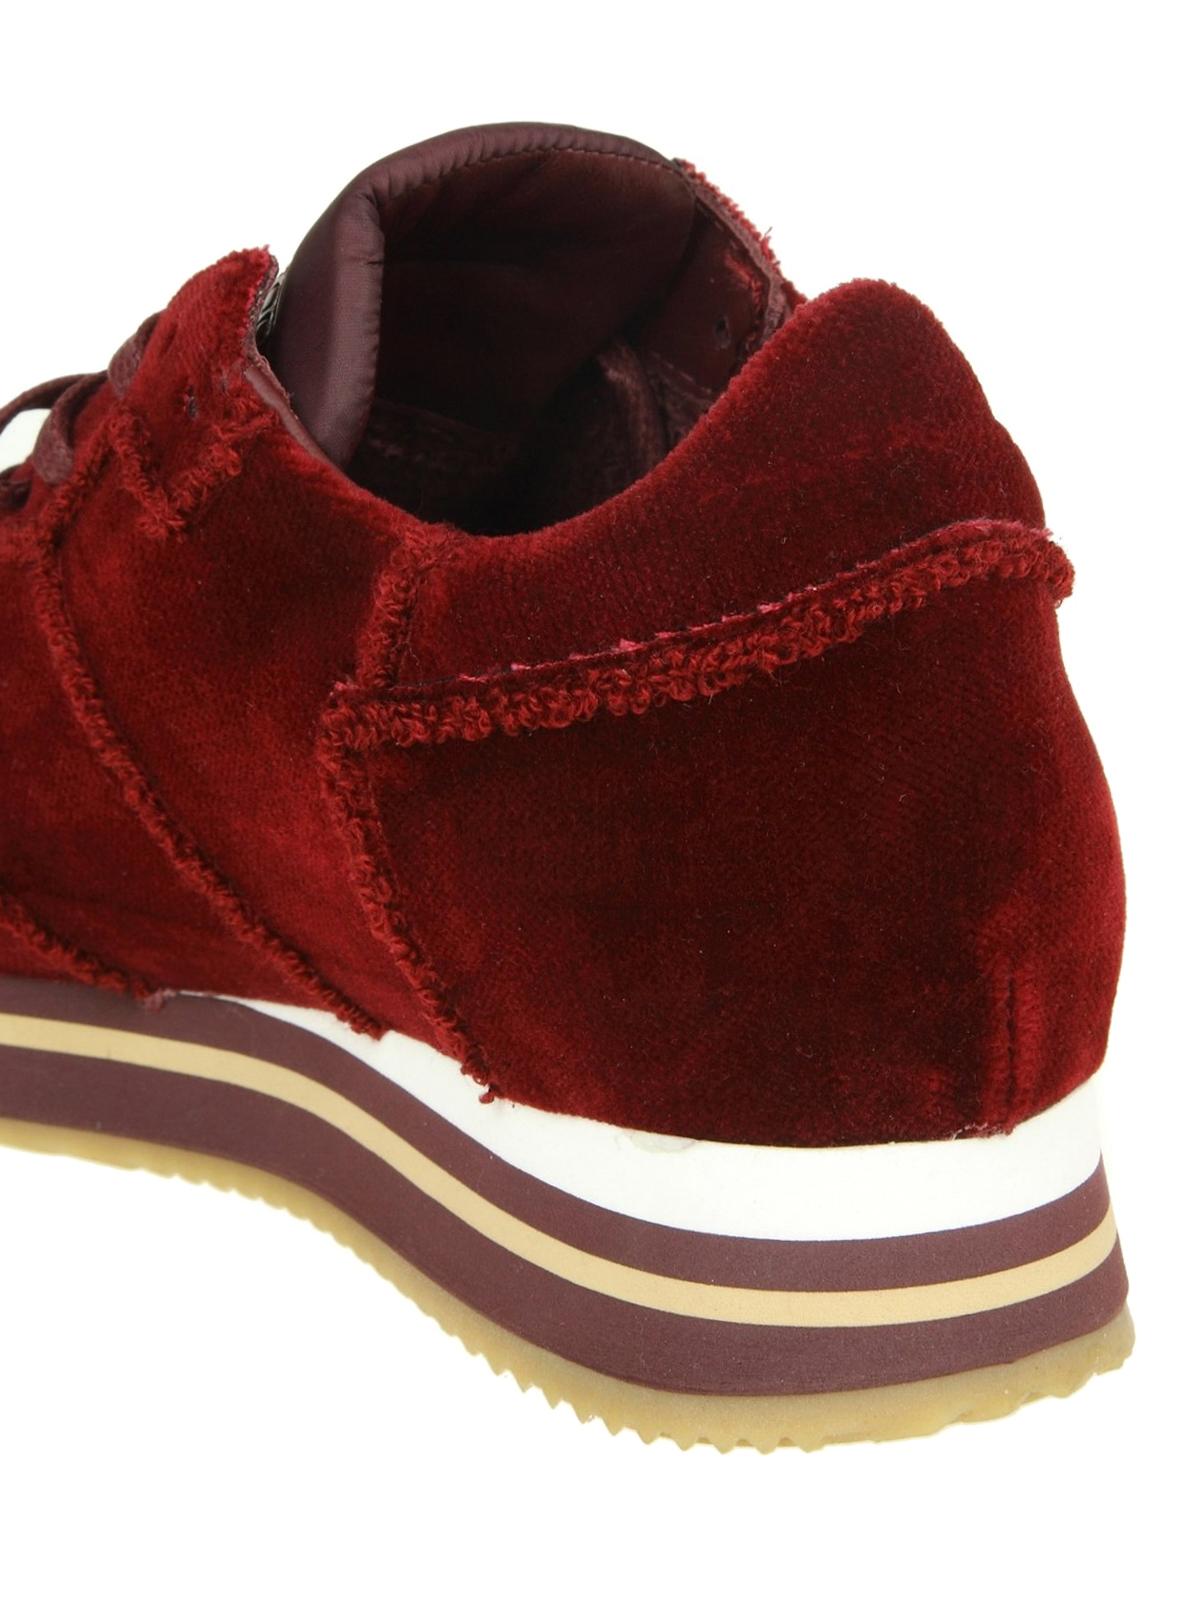 iKRIX PHILIPPE MODEL  trainers - Tropez Higher velour rouge velvet sneakers 8d3aec76e6e